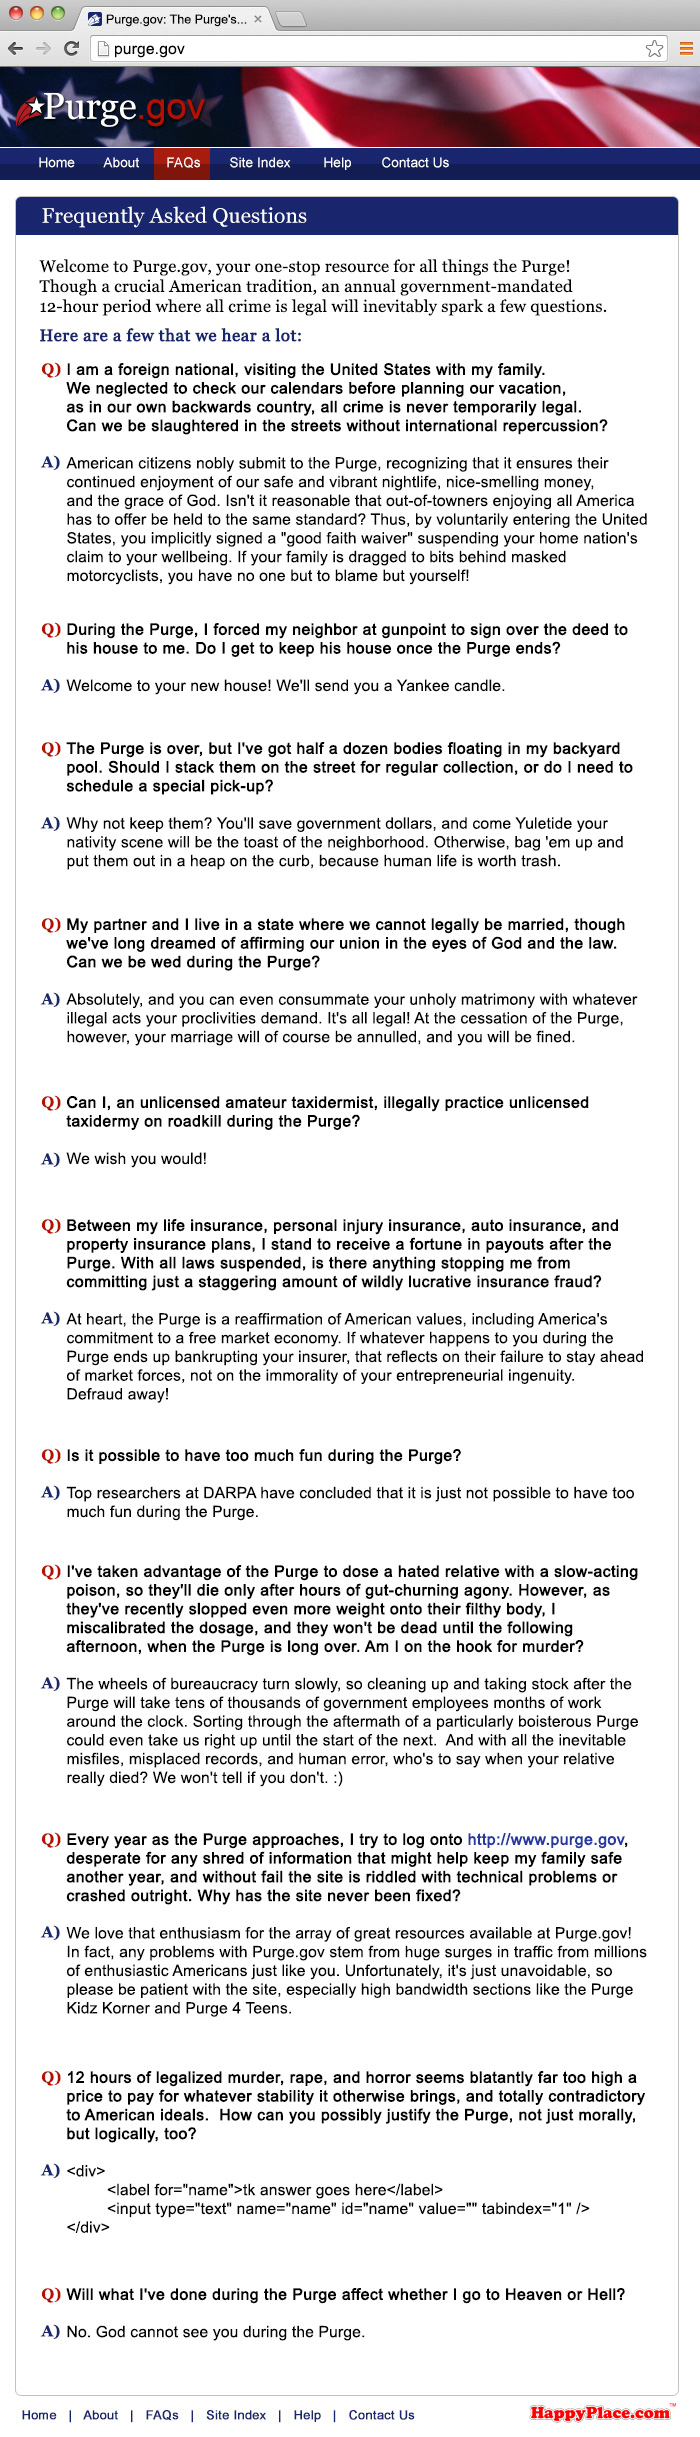 The Purge: FAQ